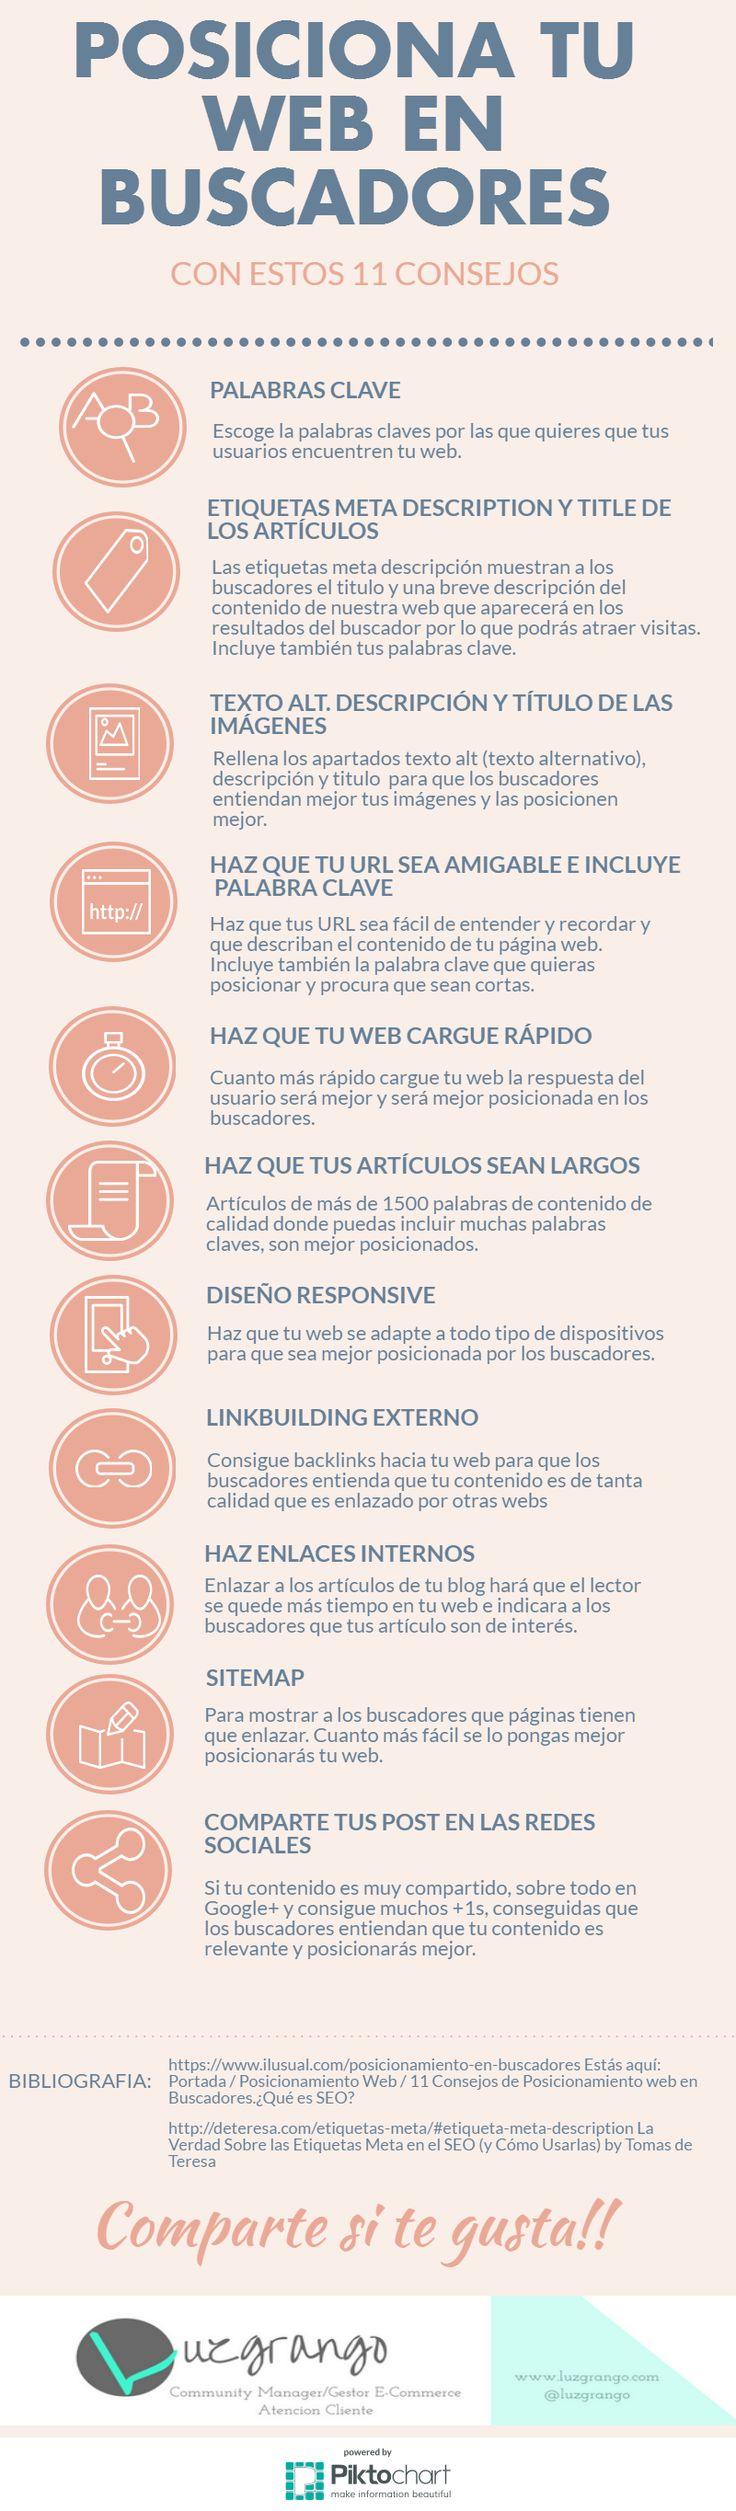 Hola: Una infografía con11 consejos para posicionar tu web en buscadores. Vía Un saludo